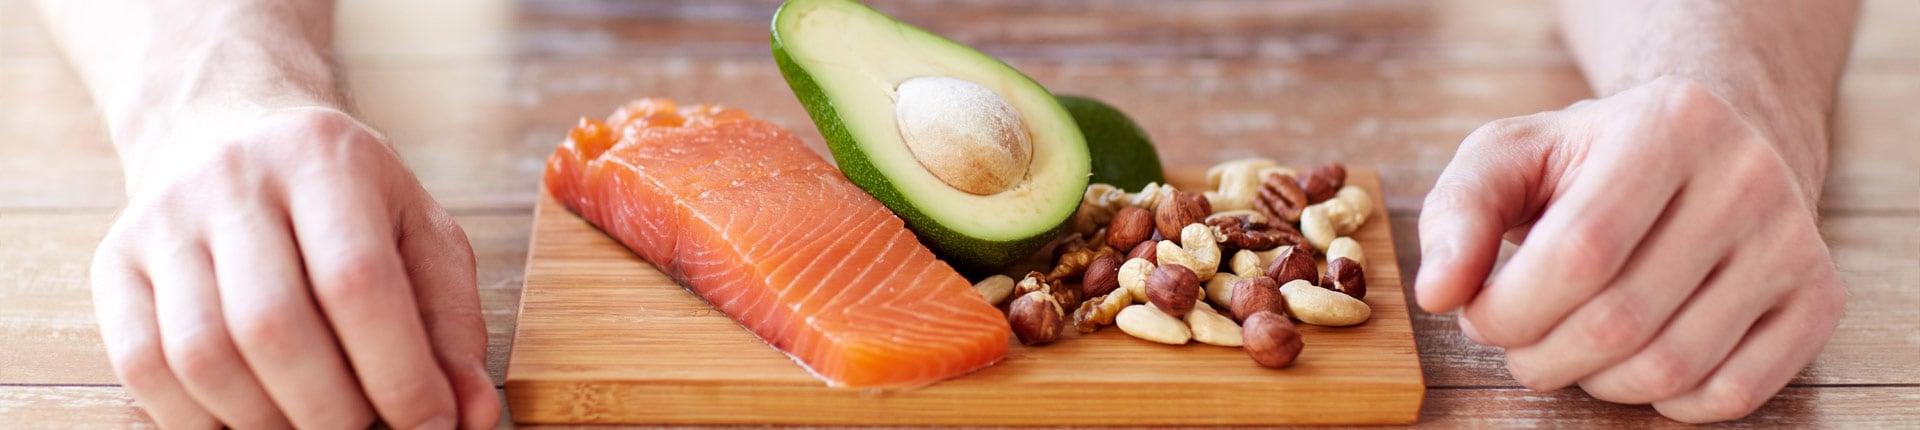 Dieta ketogeniczna - przewodnik po planie i przykładowy jadłospis